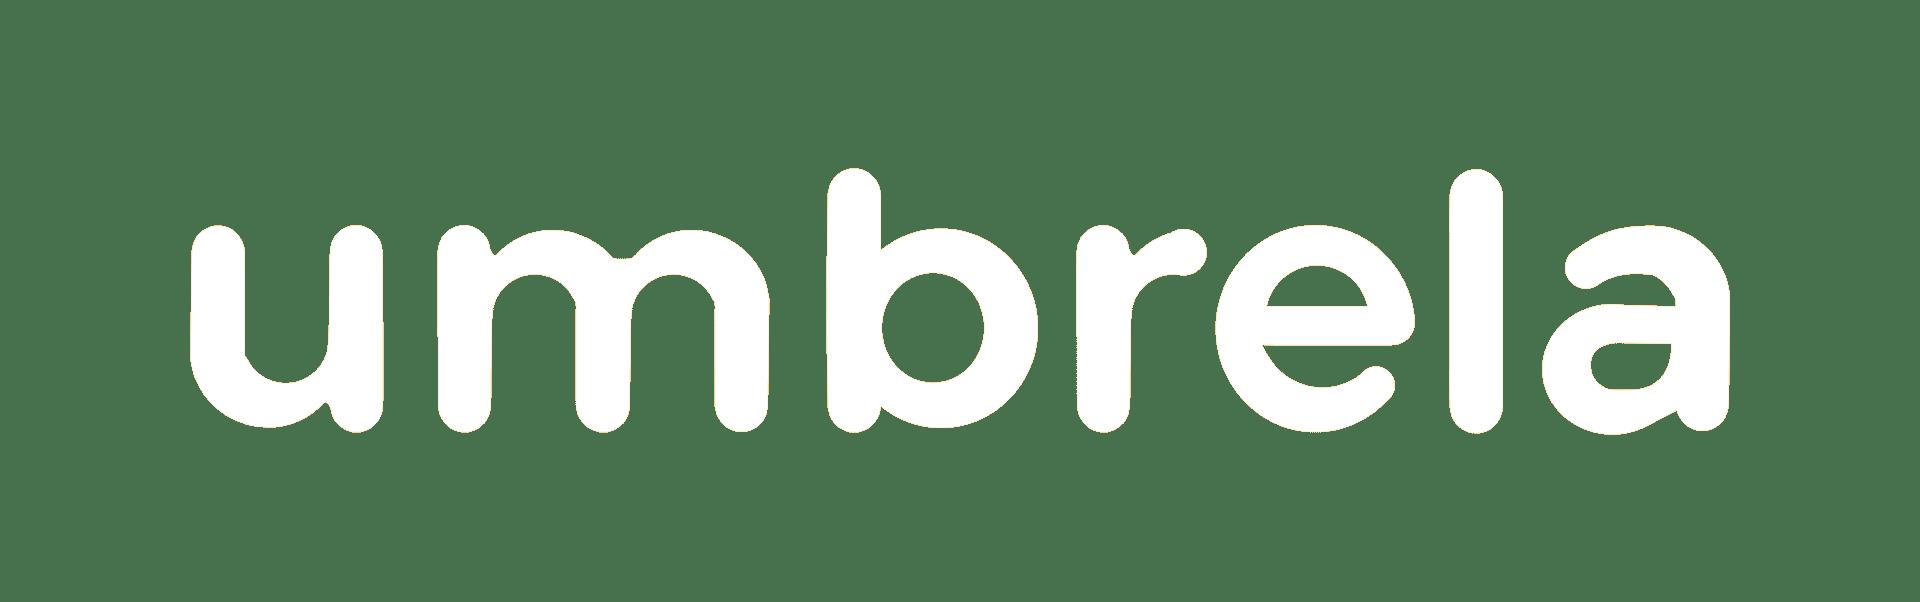 Umbrela logo